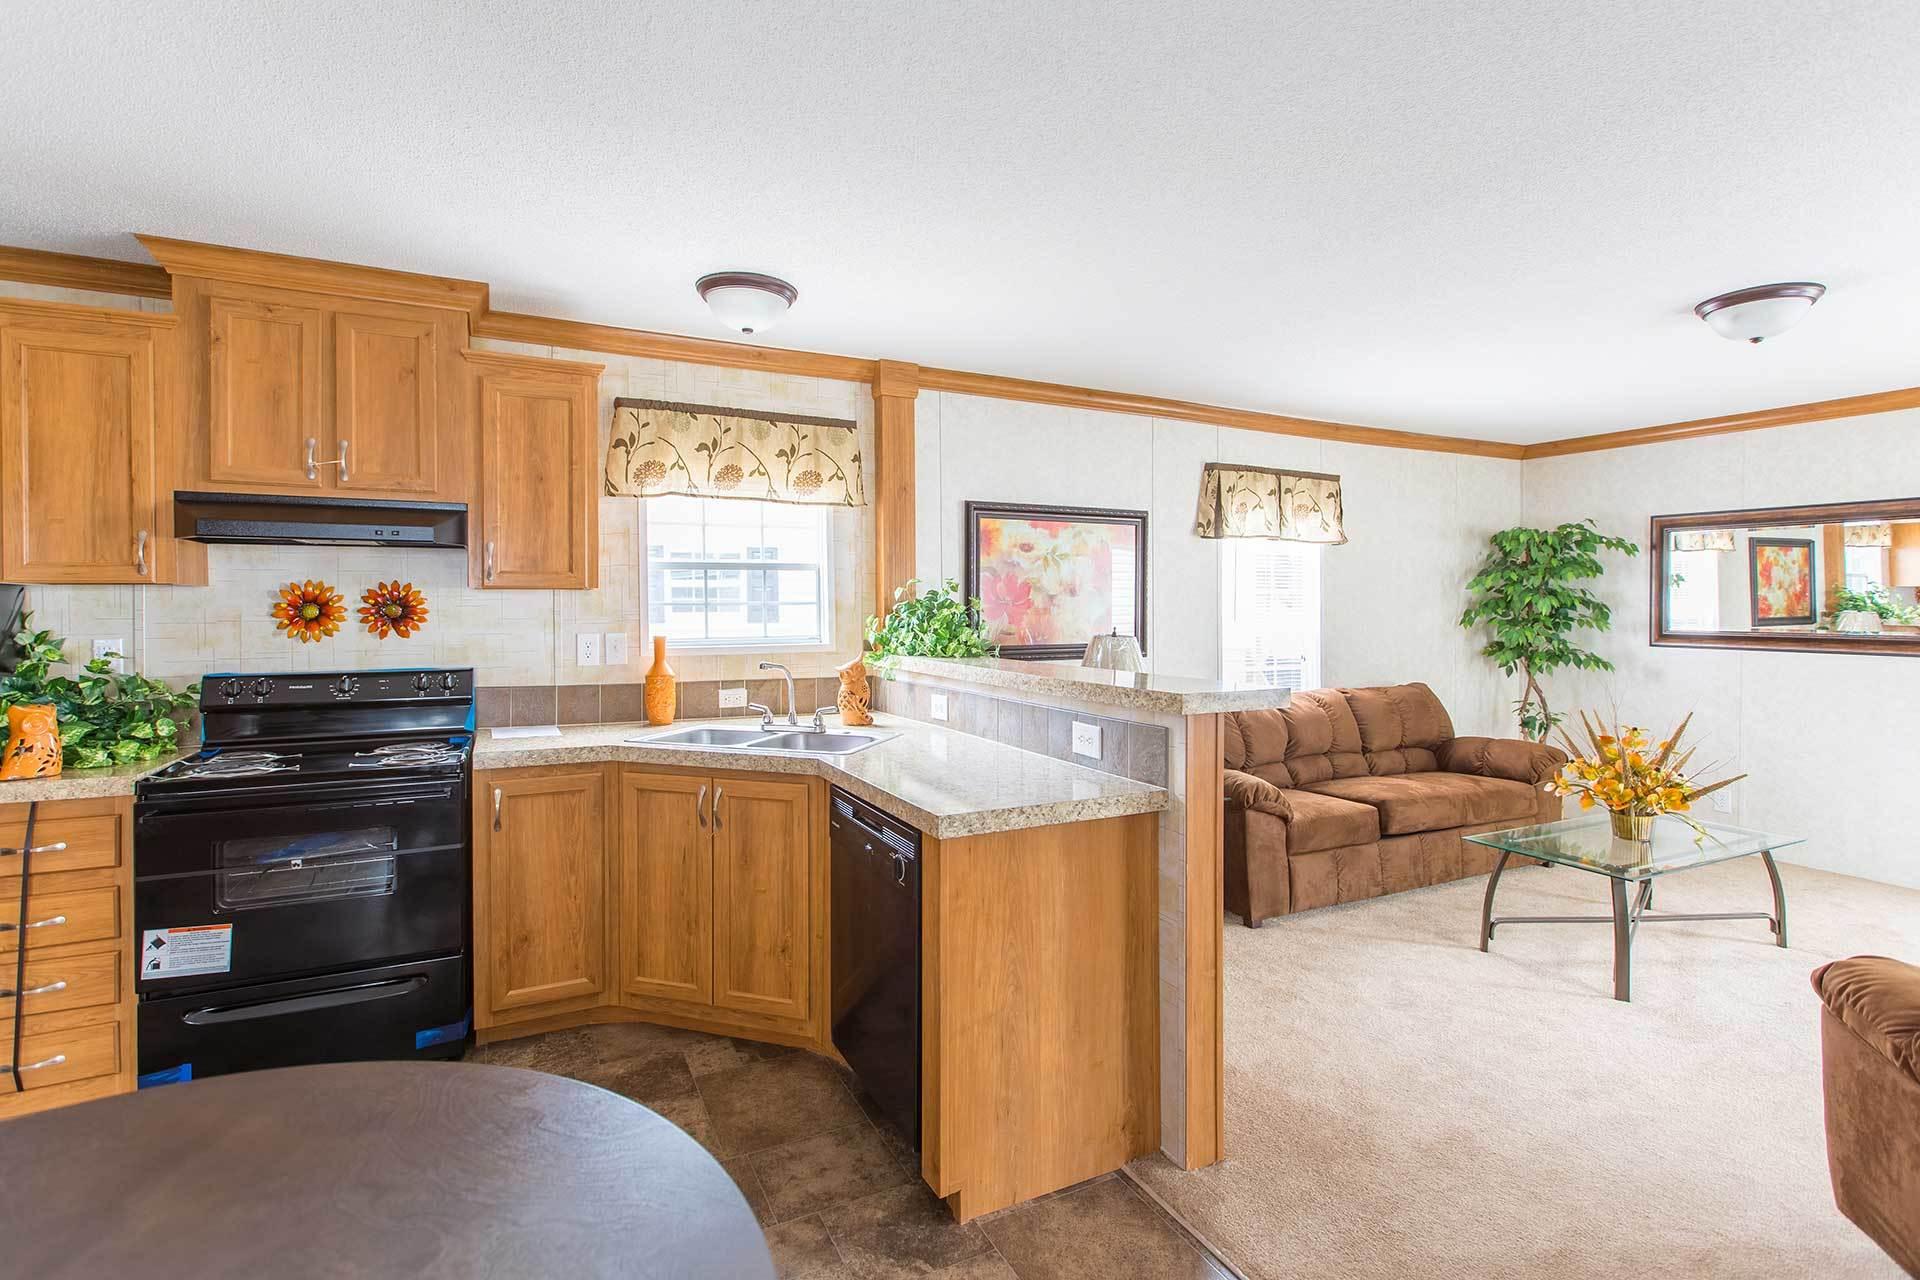 manufactured home dealer - Pensacola, FL